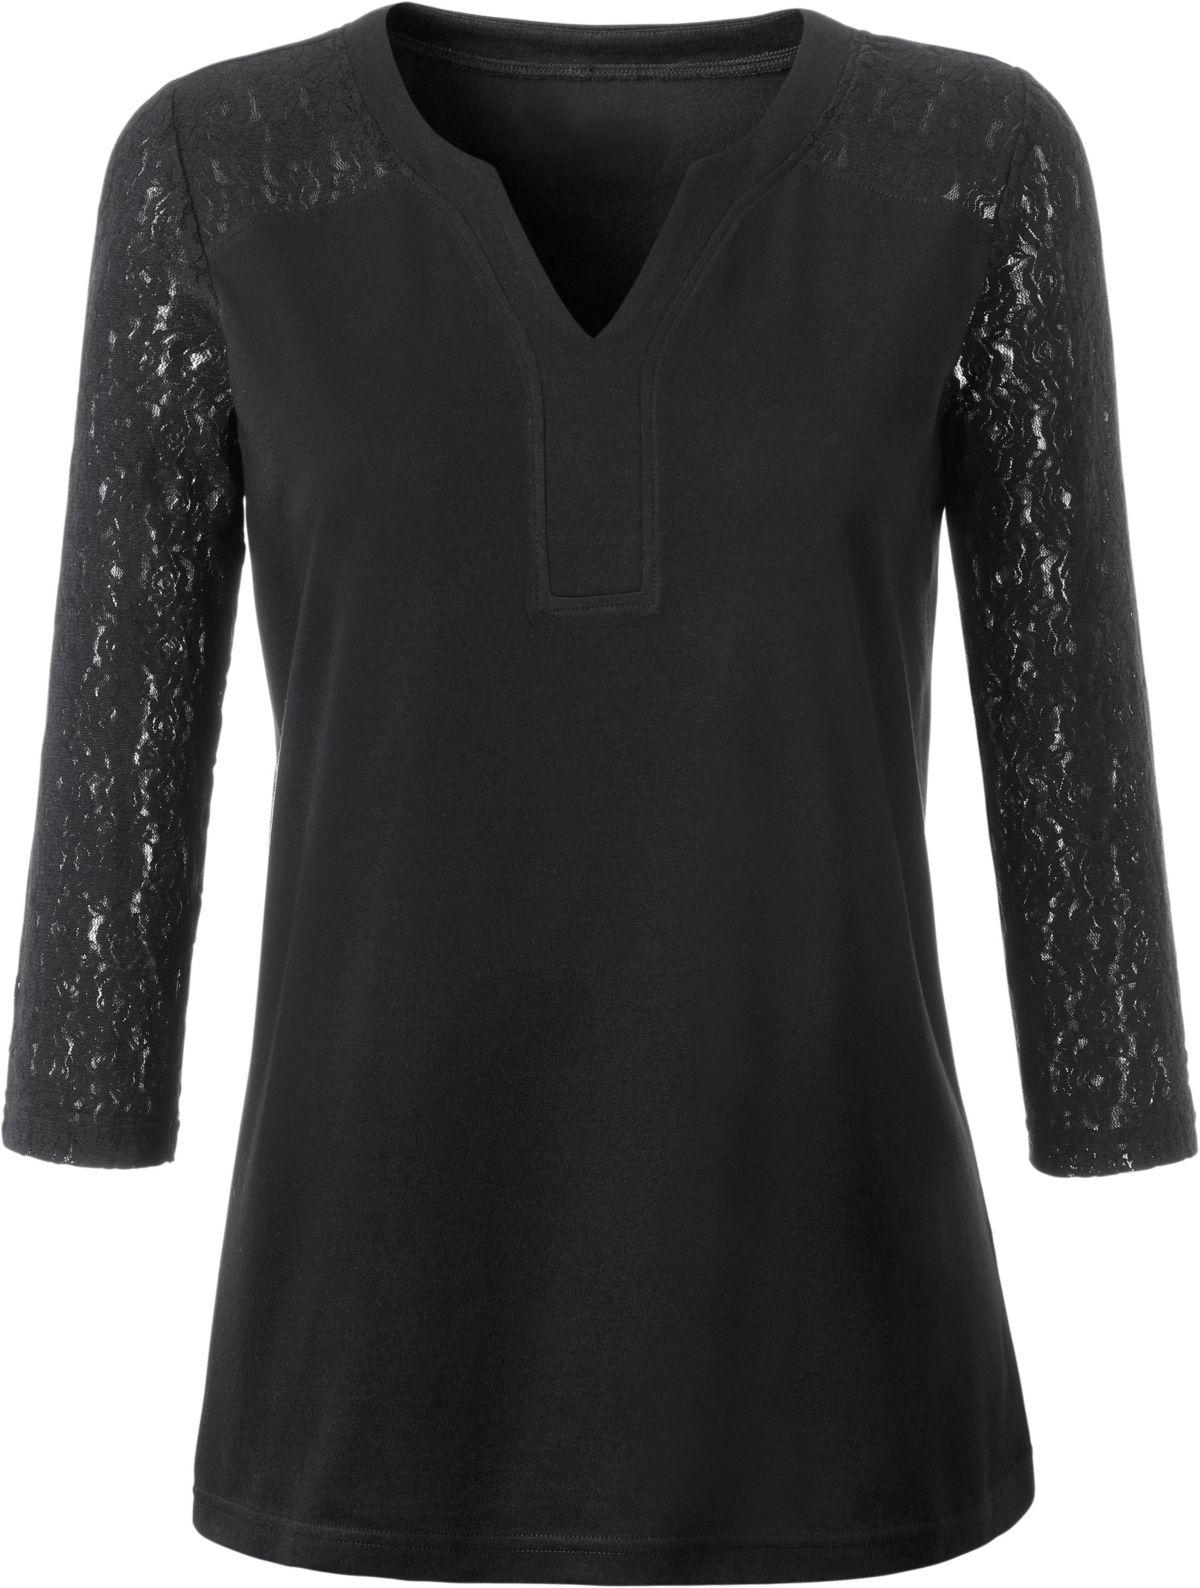 9c646fe3222fb Ambria Shirt mit Ärmel und Schulter aus feiner Spitze